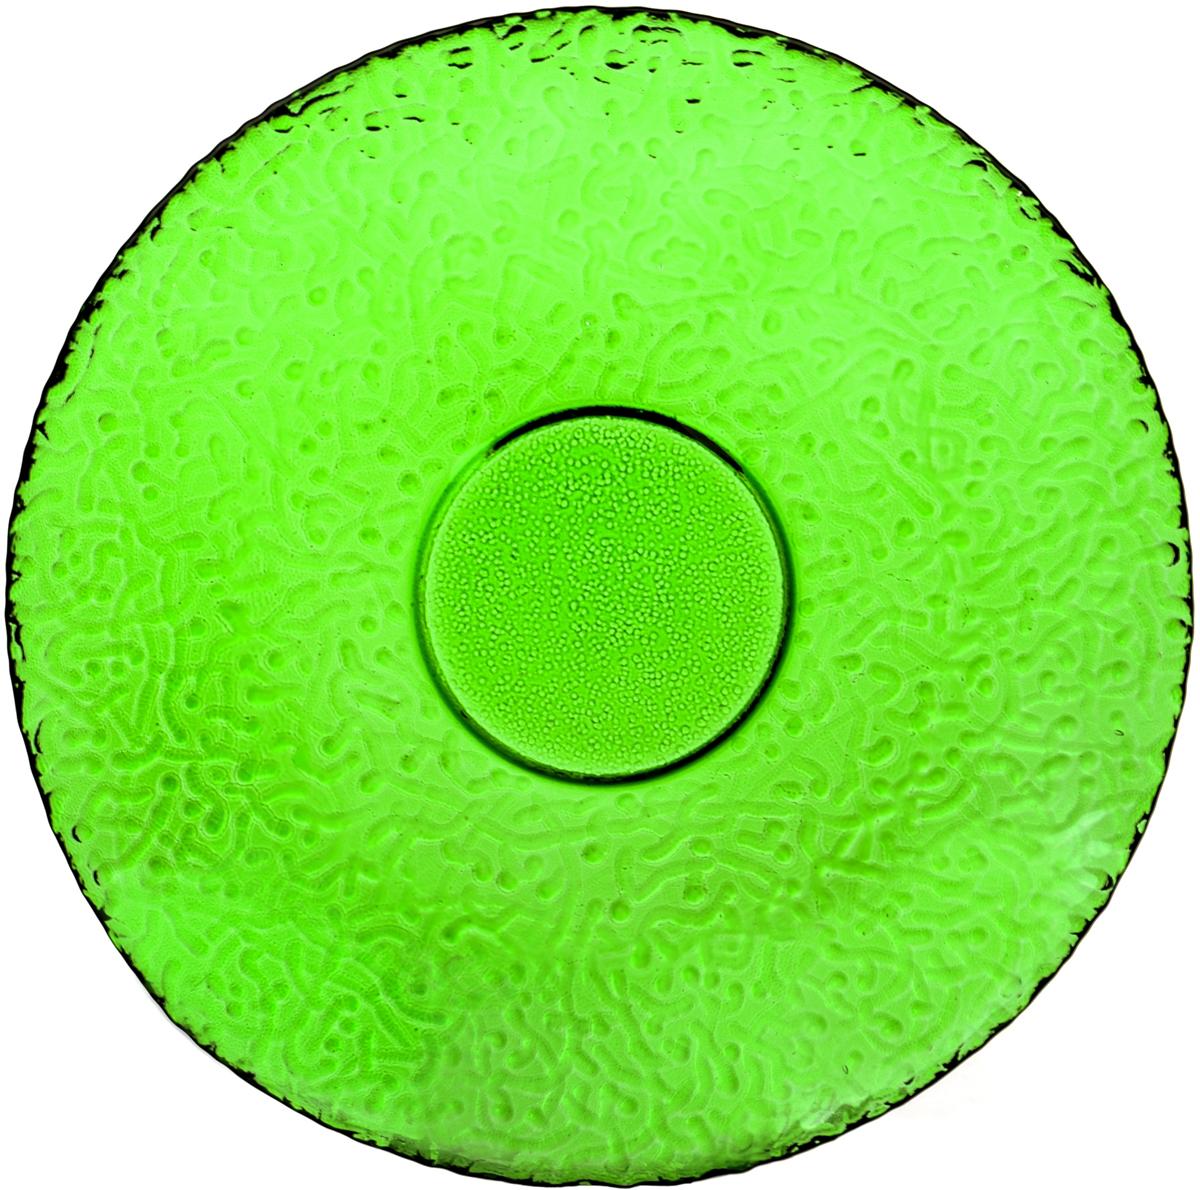 Тарелка десертная Nina Glass Ажур, цвет: зеленый, диаметр 21 смNG83-070GСтеклянная посуда Никольского завода светотехнического стекла, известная под торговой маркой NinaGlass, успешно продается в российских магазинах. Продукция выглядит презентабельно, ассортимент весьма широк. Яркие, емкие, приятные тактильно салатники будут шикарно смотреться на обеденном столе. Салатники и блюда предназначены для сервировки стола. Пригодны для ежедневного использования.Цветные салатники и тарелки NinaGlass нельзя использовать в СВЧ и мыть в ПММ.